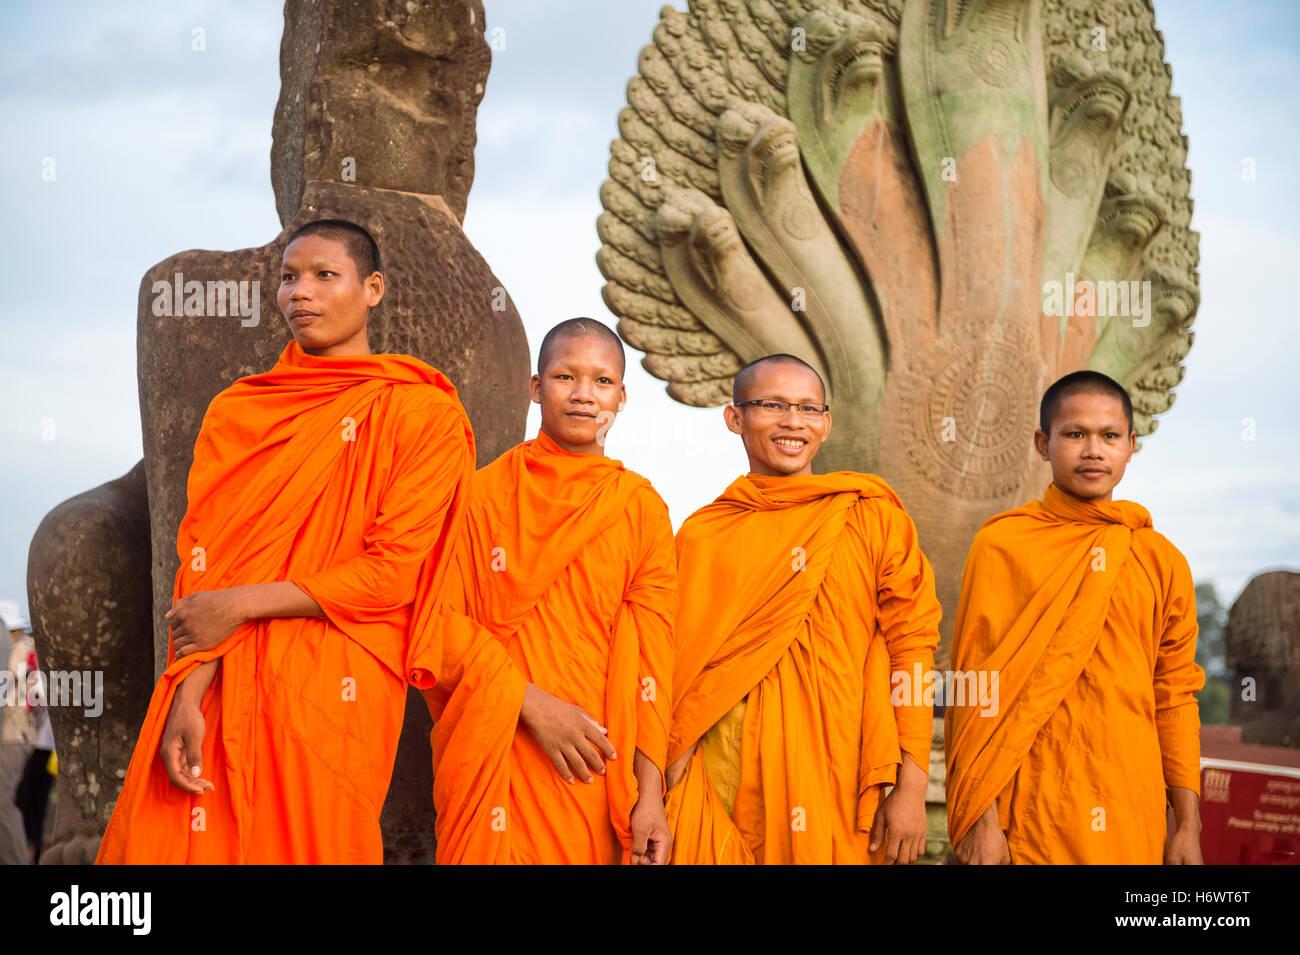 SIEM REAP, Cambogia - 30 ottobre 2014: il Principiante i monaci buddisti in arancione vesti pongono davanti all'ingresso Immagini Stock